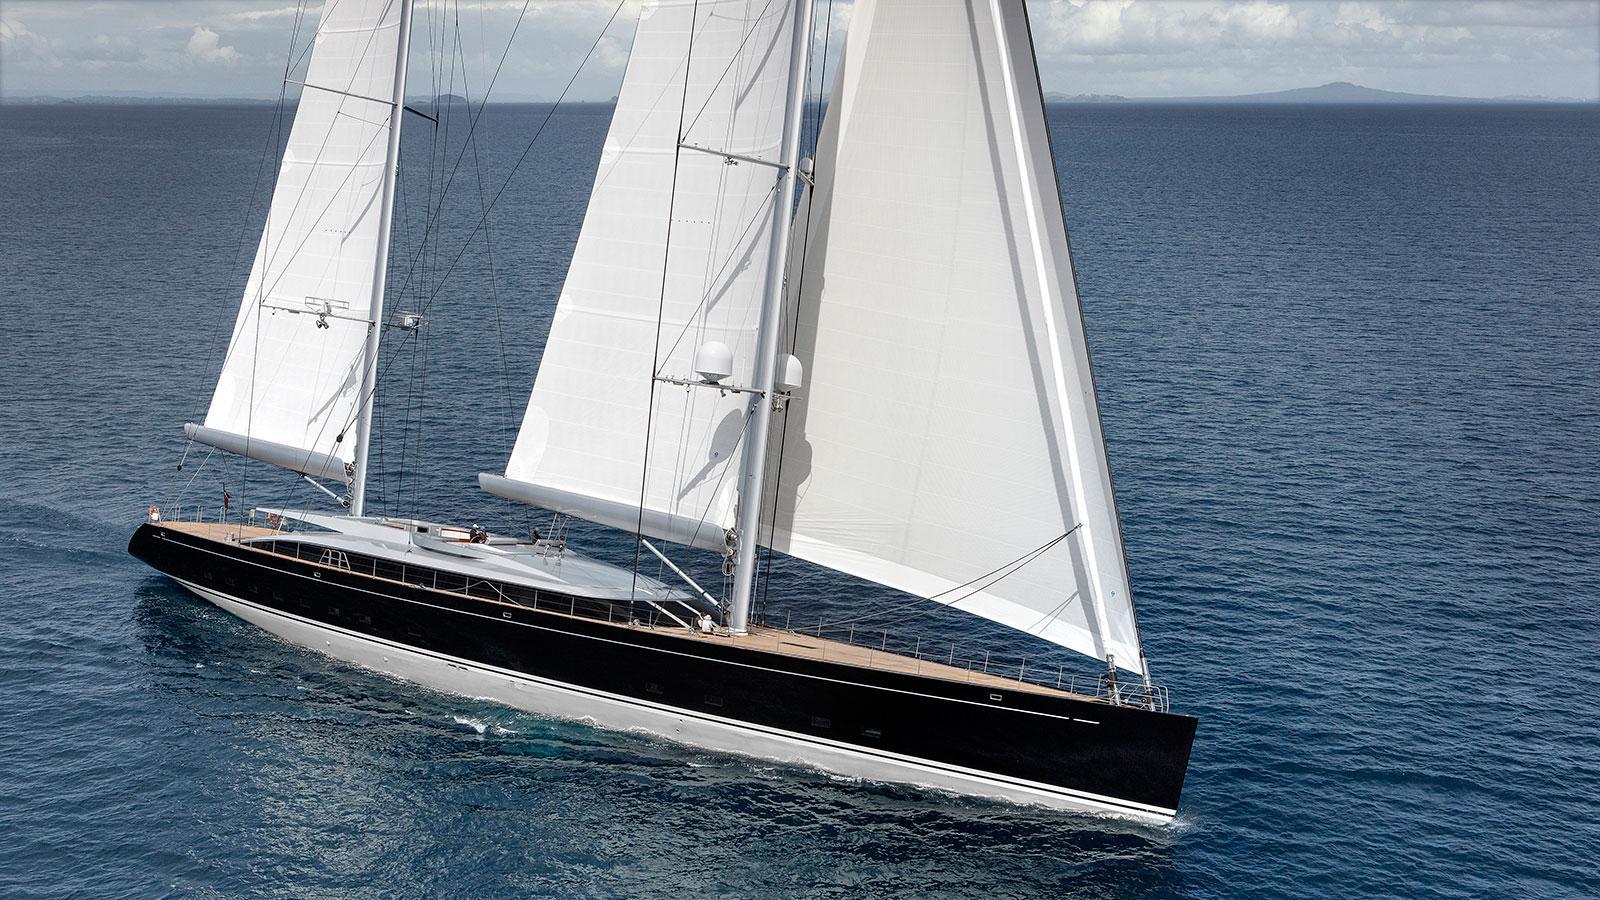 vertigo-super-yacht-sailing-boat